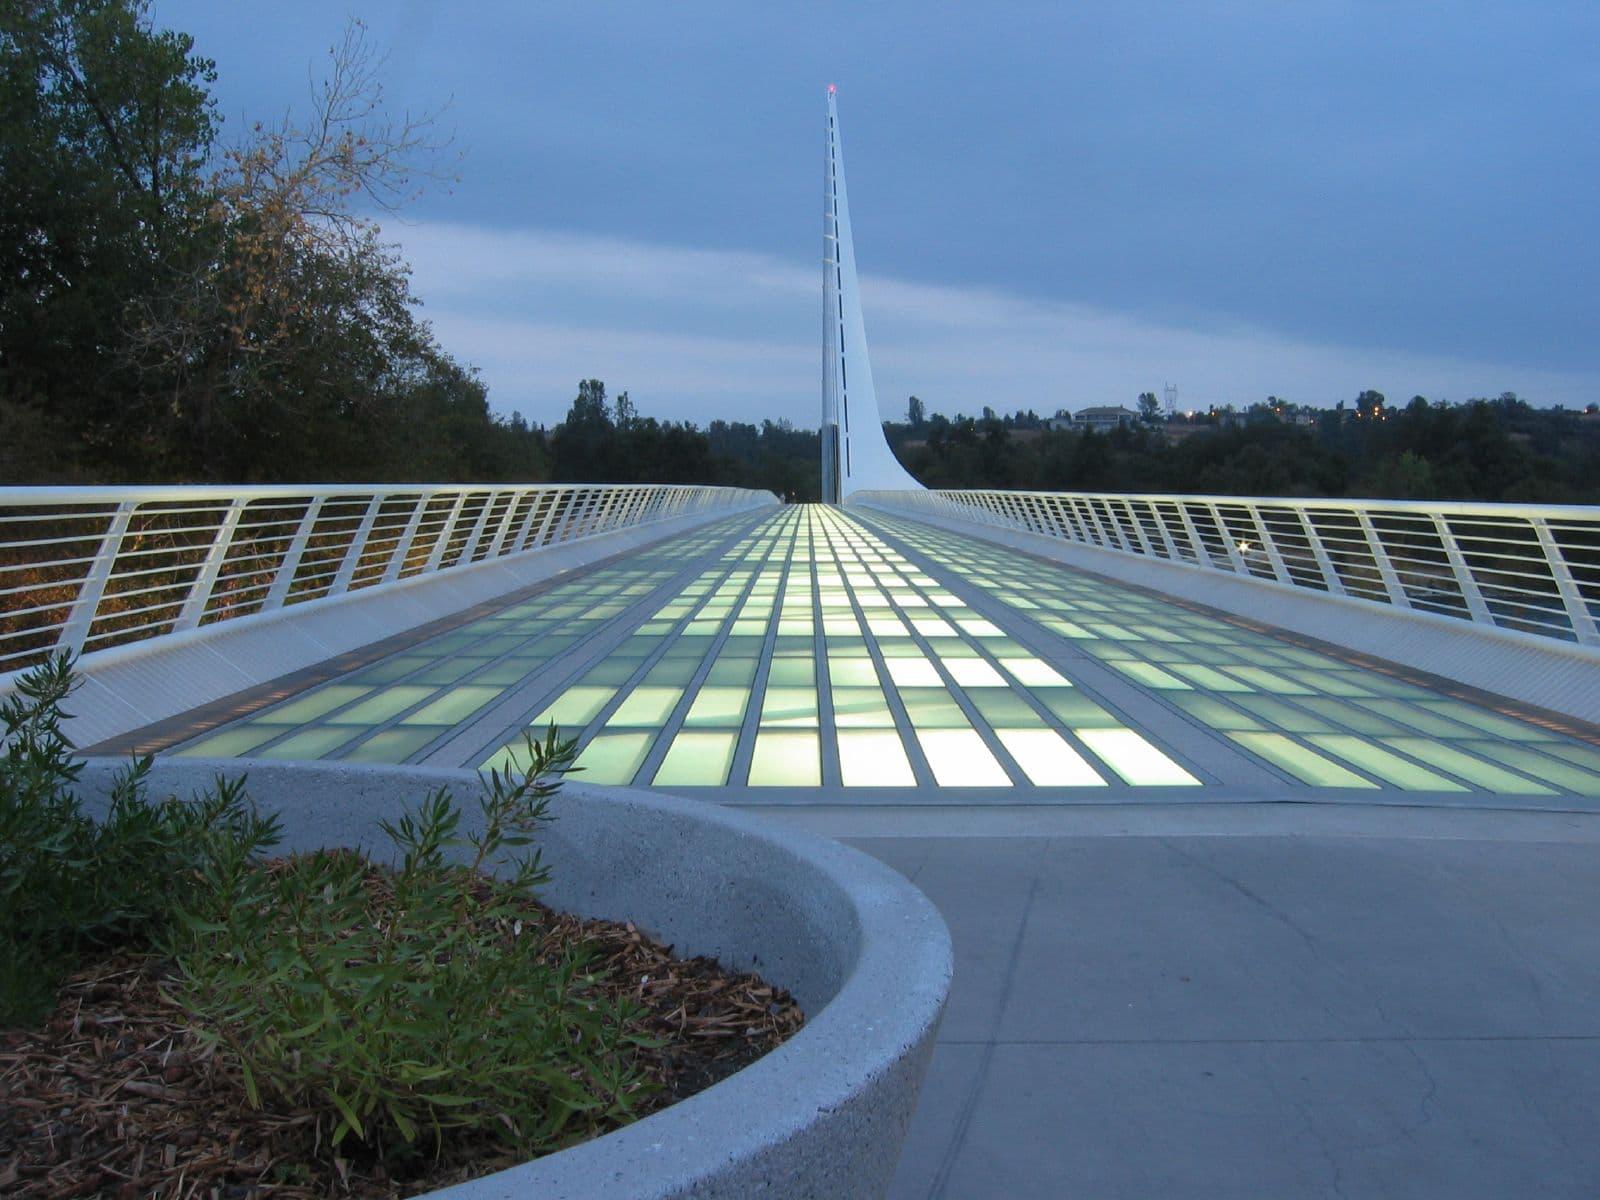 Noaptea, plăcile de sticlă semitransparentă de pe Sundial Bridge se aprind iluminând puntea